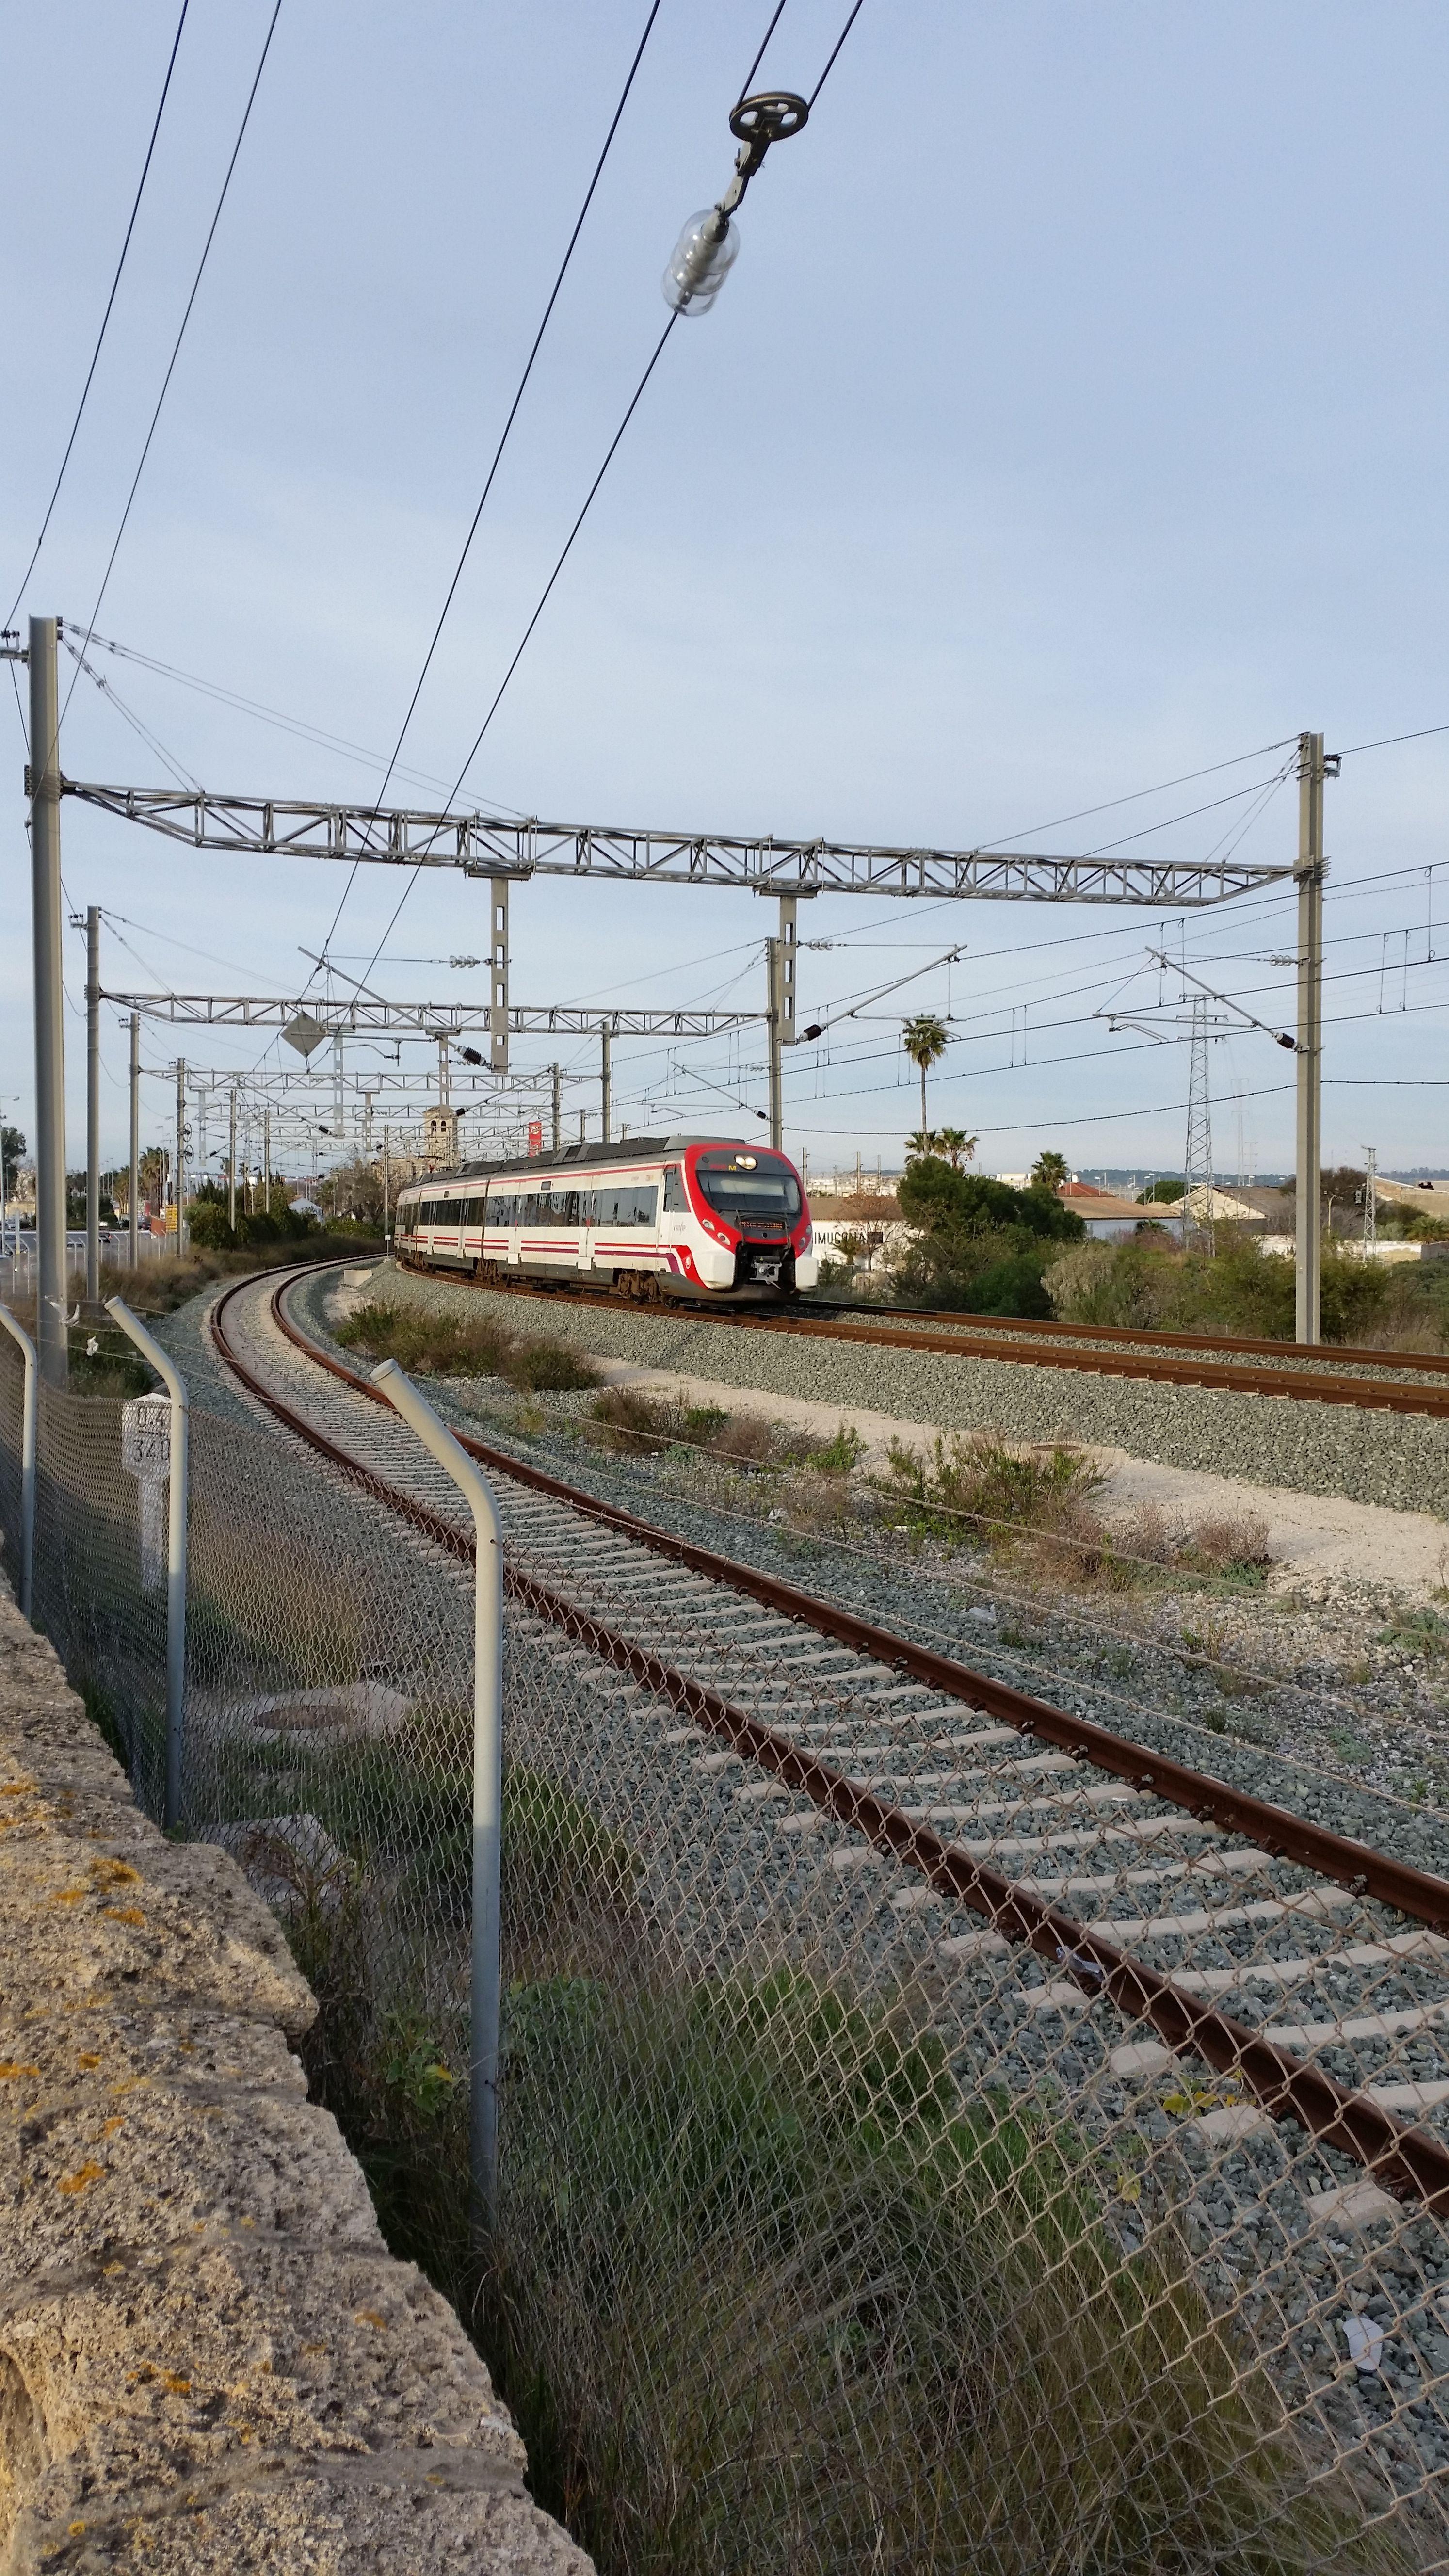 cercanías saliendo de la estación de El Puerto de Santa María en dirección a Cádiz